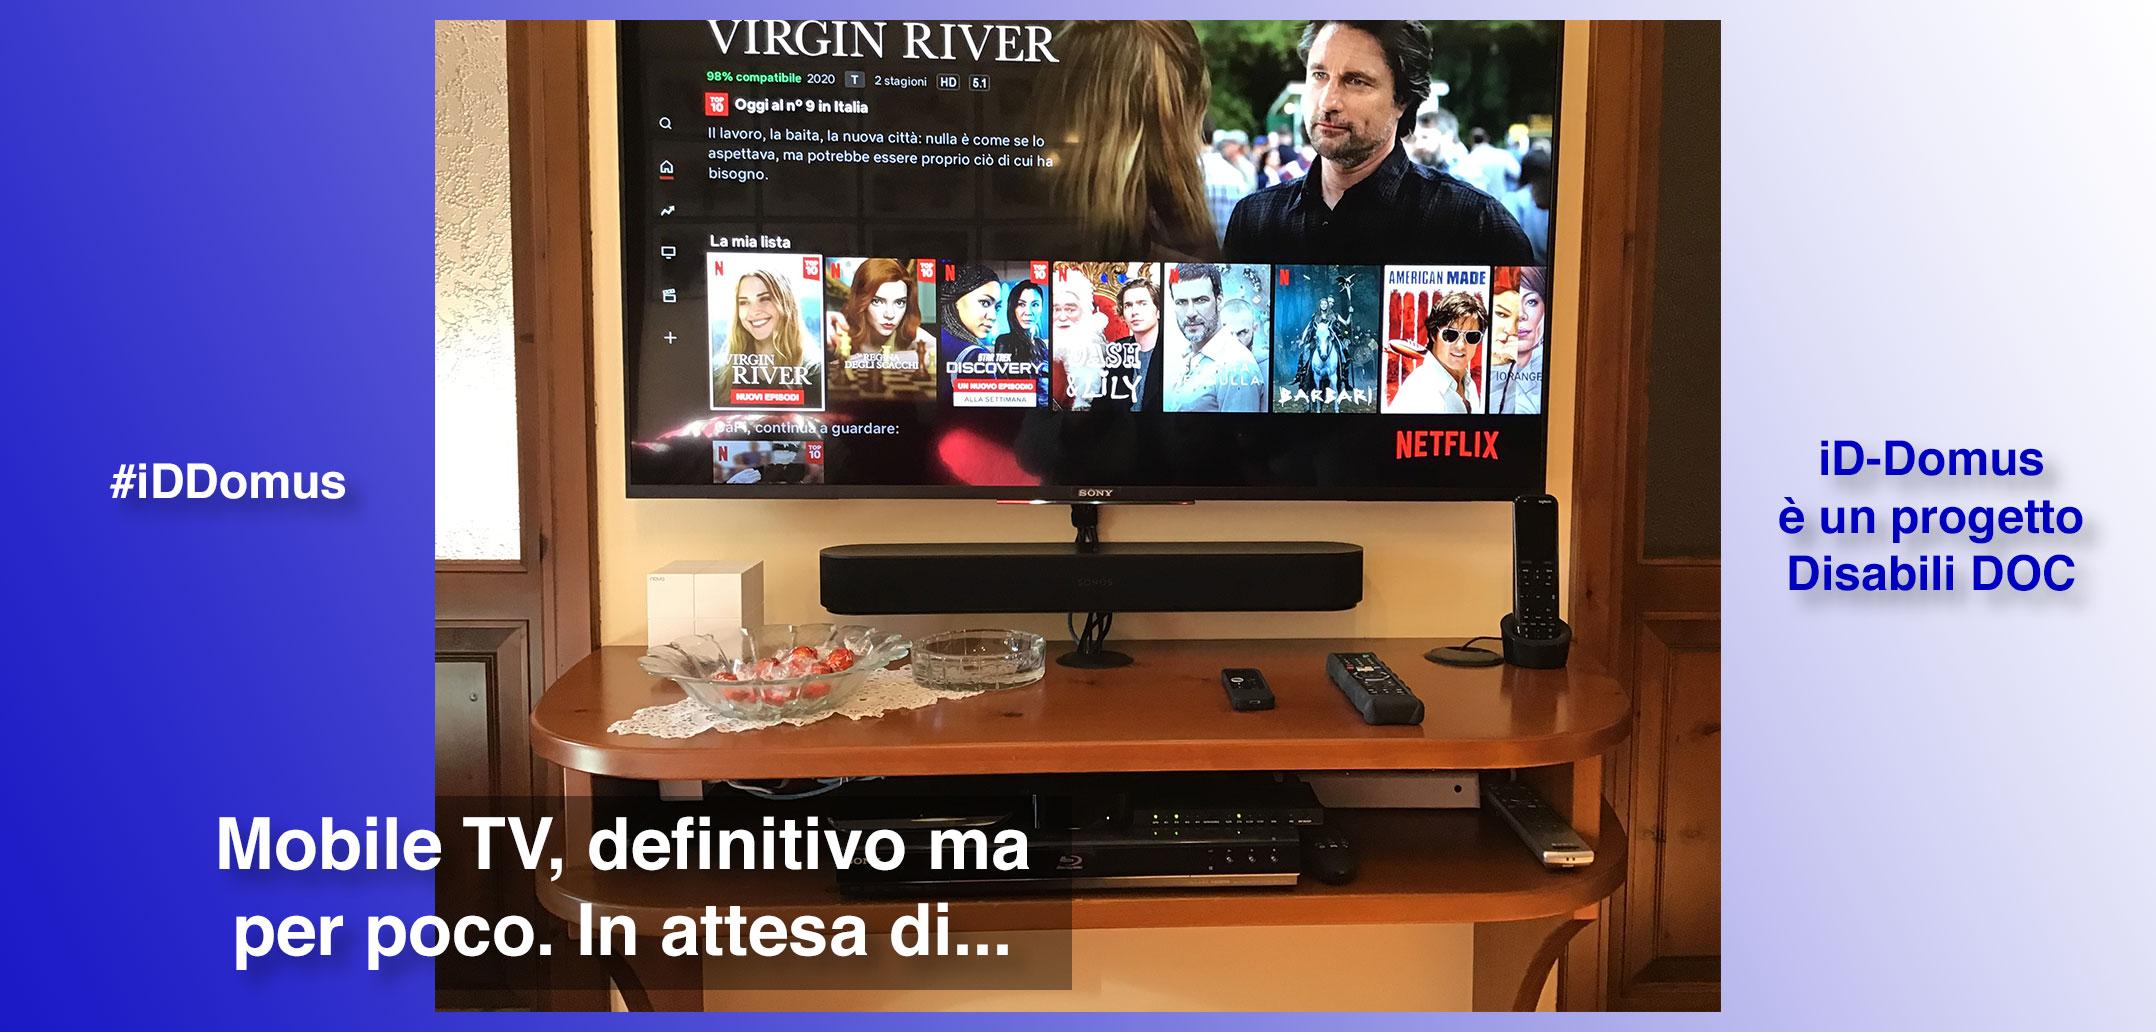 #iDDomus / Parte 6ª / Mobile TV parte 4ª, l'autunno 2020 definisce la versione definitiva che però evolverà nel 2021